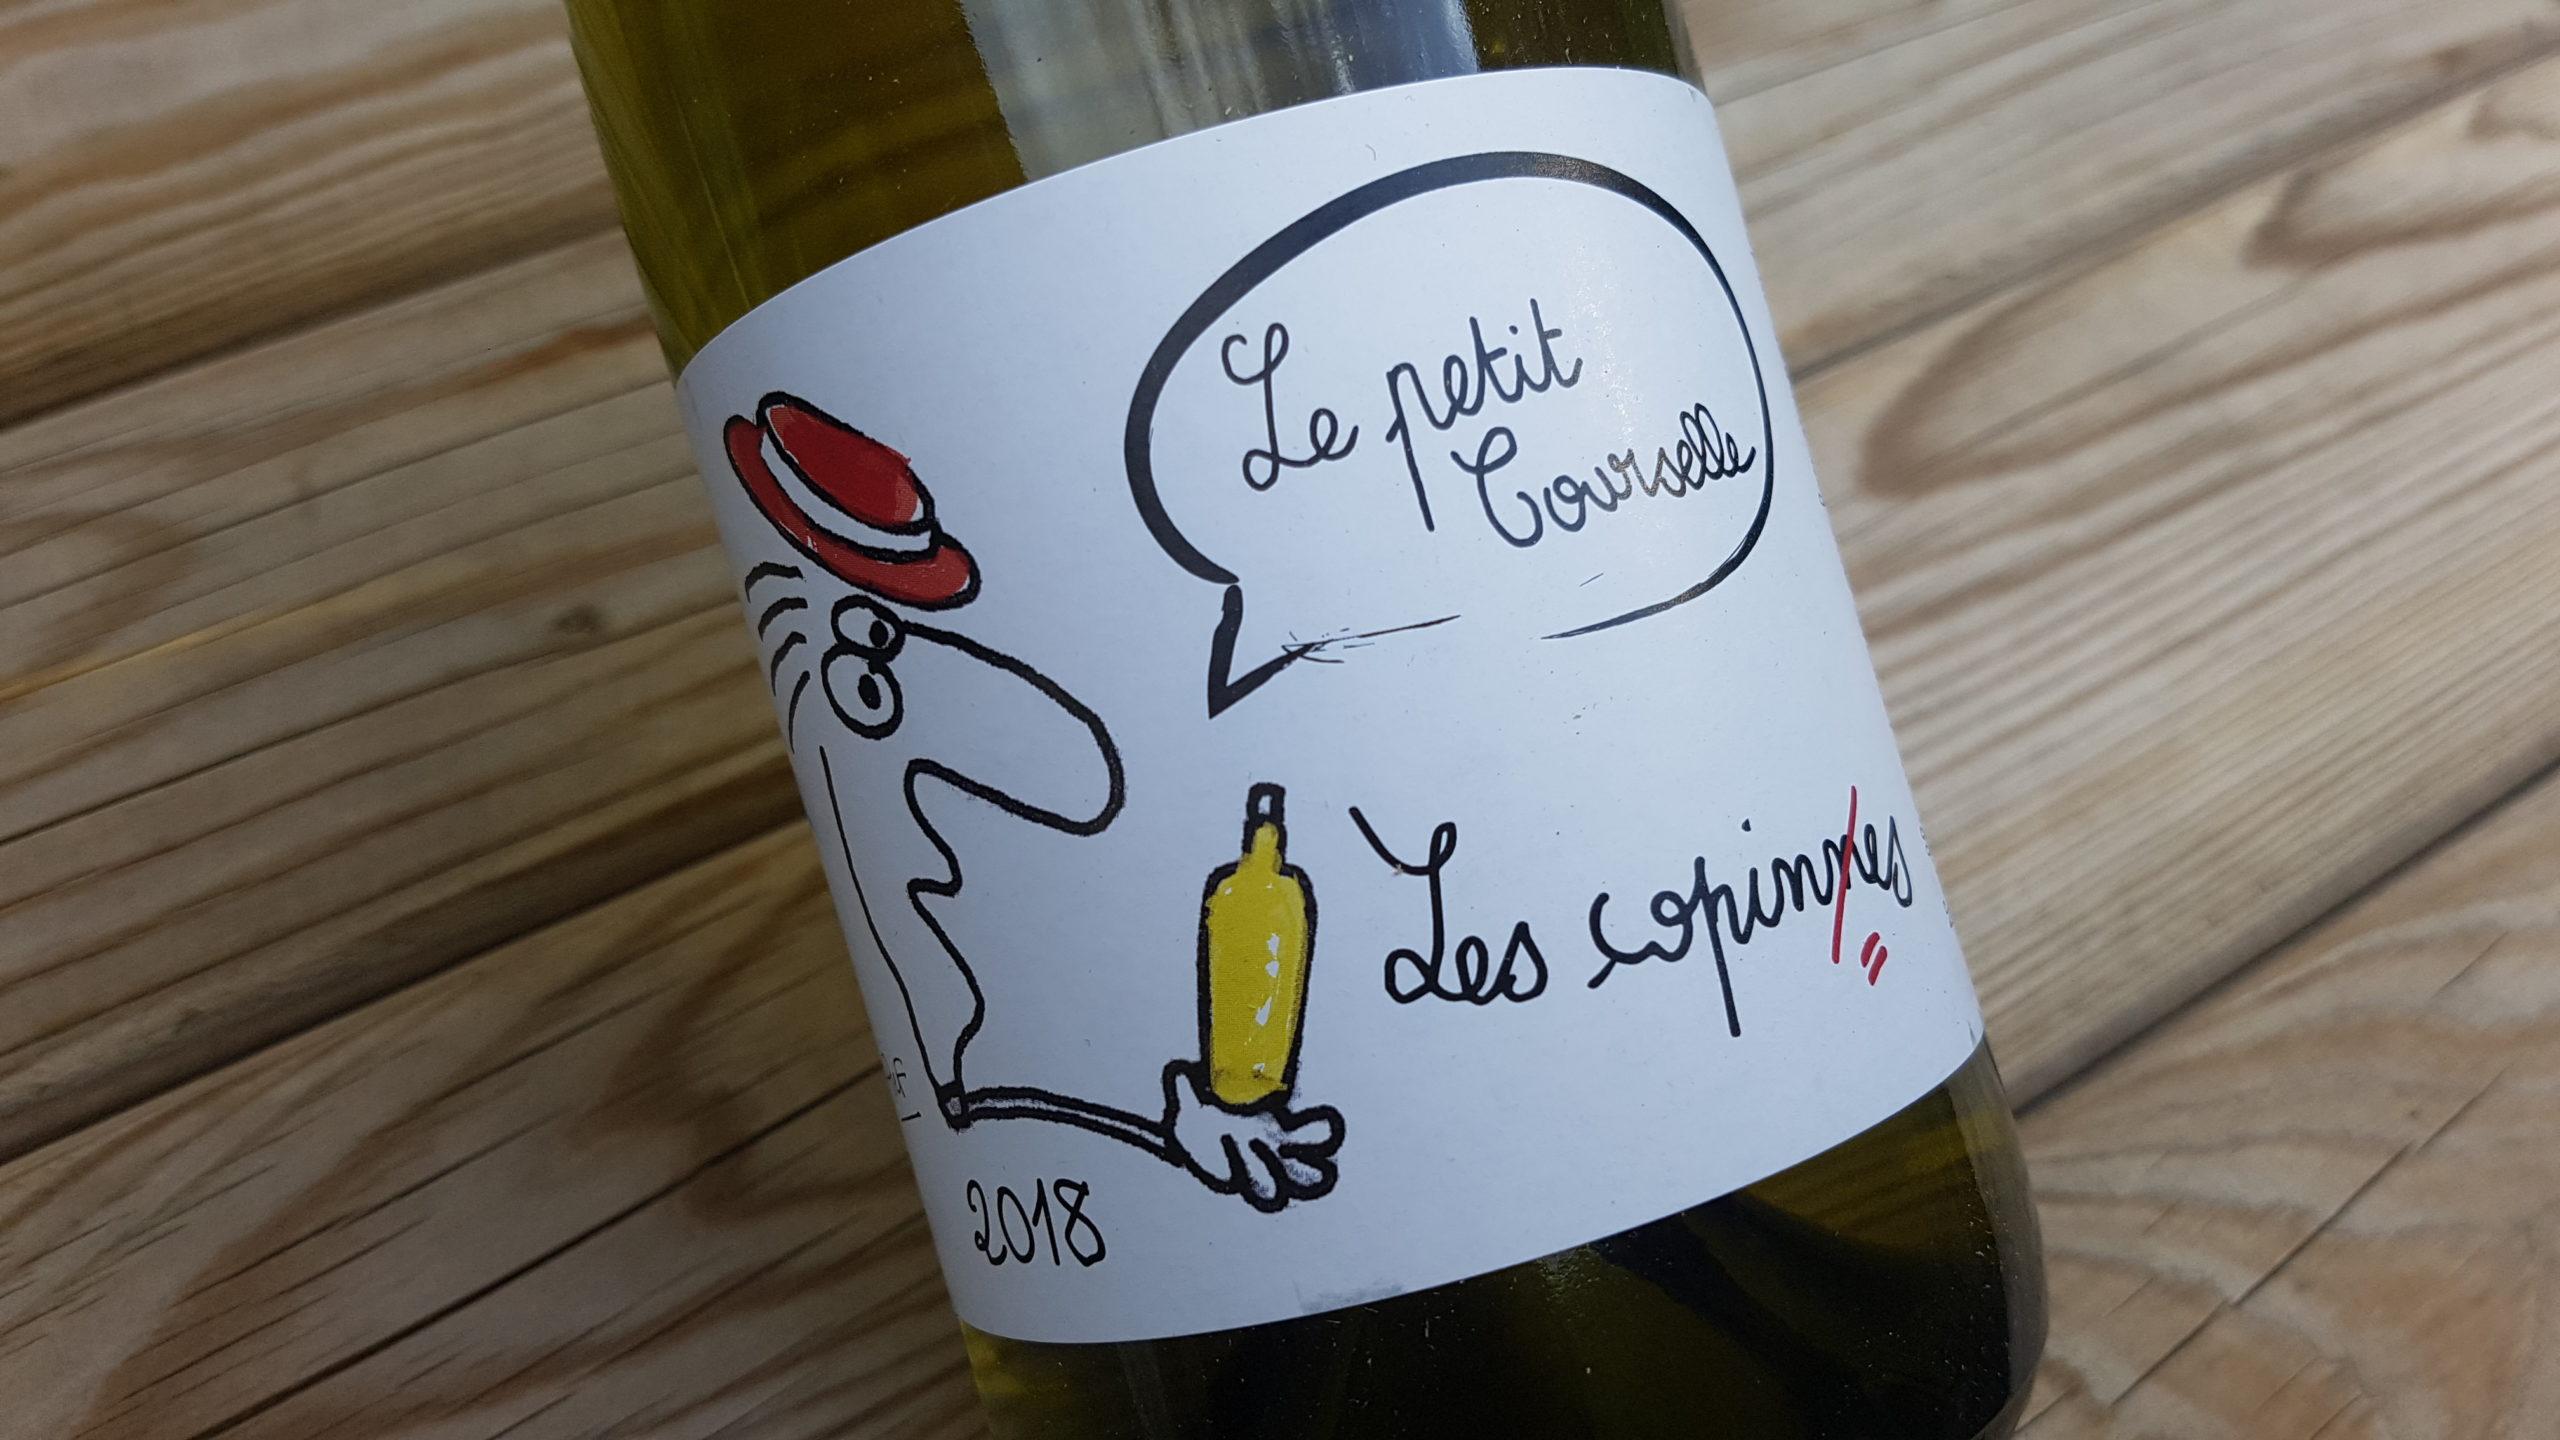 Le Petit Courselle Les copines 2018 | Vin de France